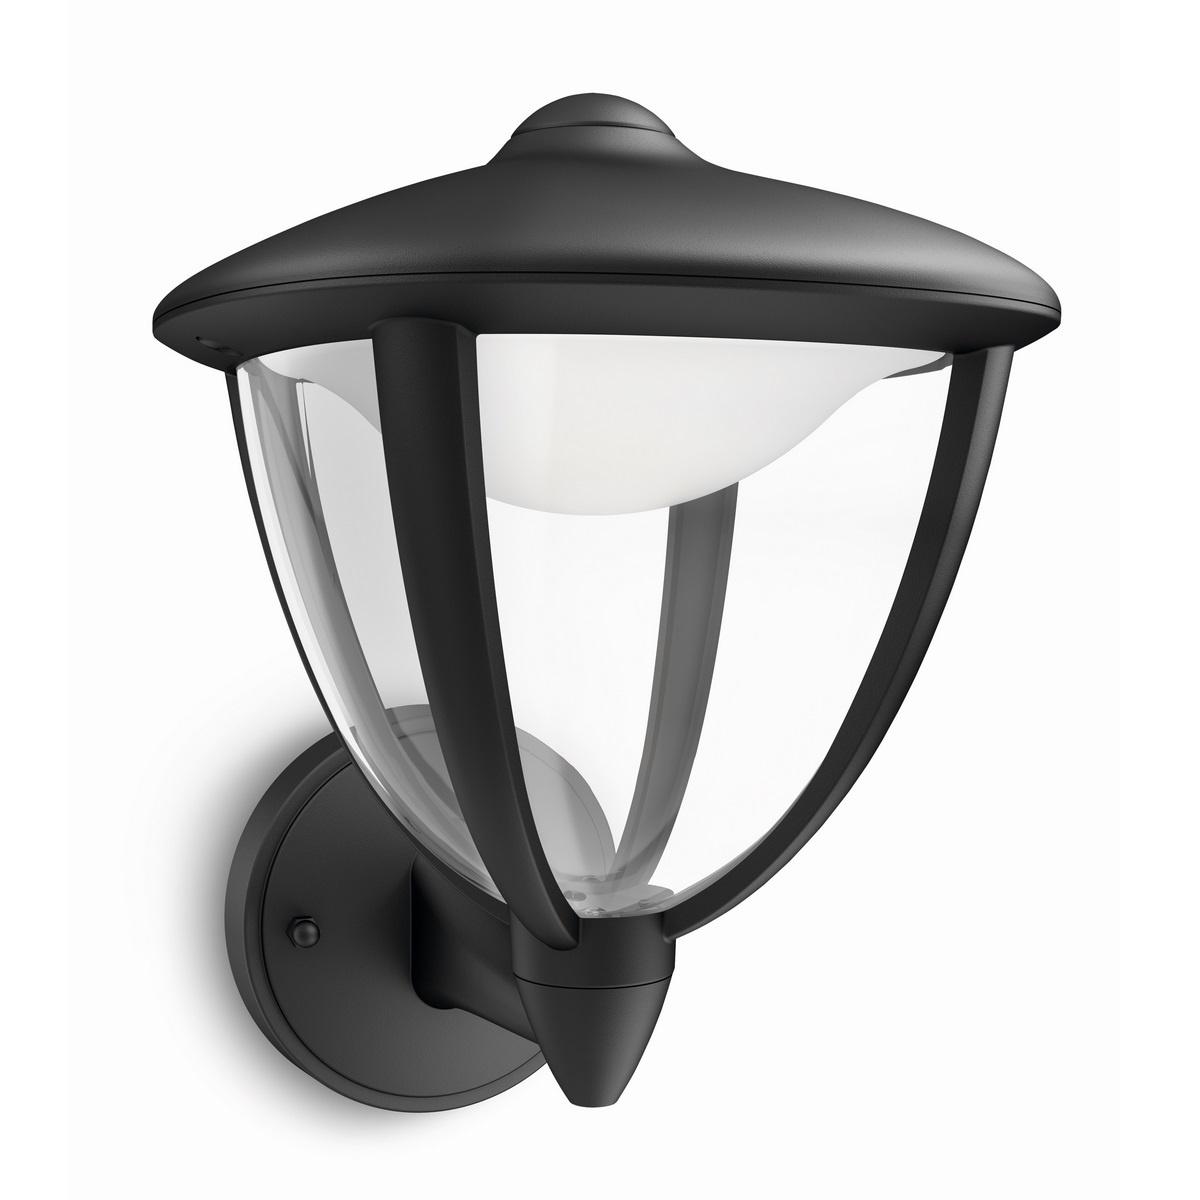 Philips 15470/30/16 Robin Venkovní nástěnné LED svítidlo 24 cm, černá